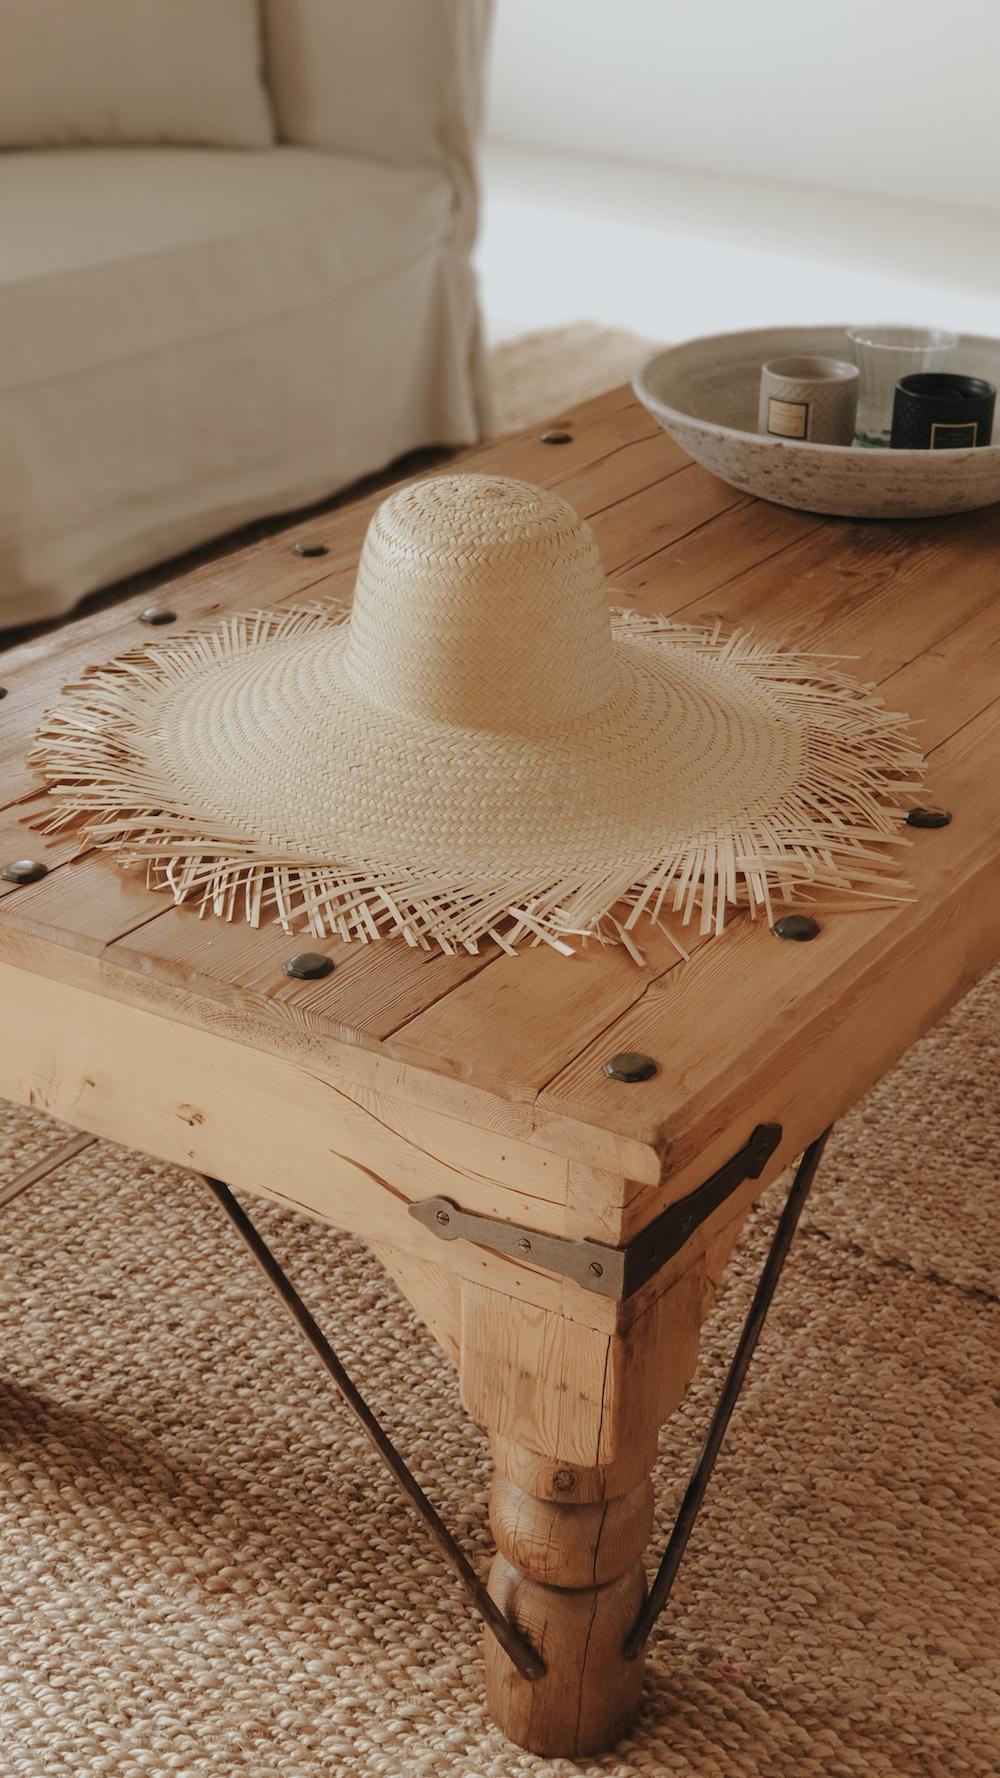 sombrero de ala ancha es calo